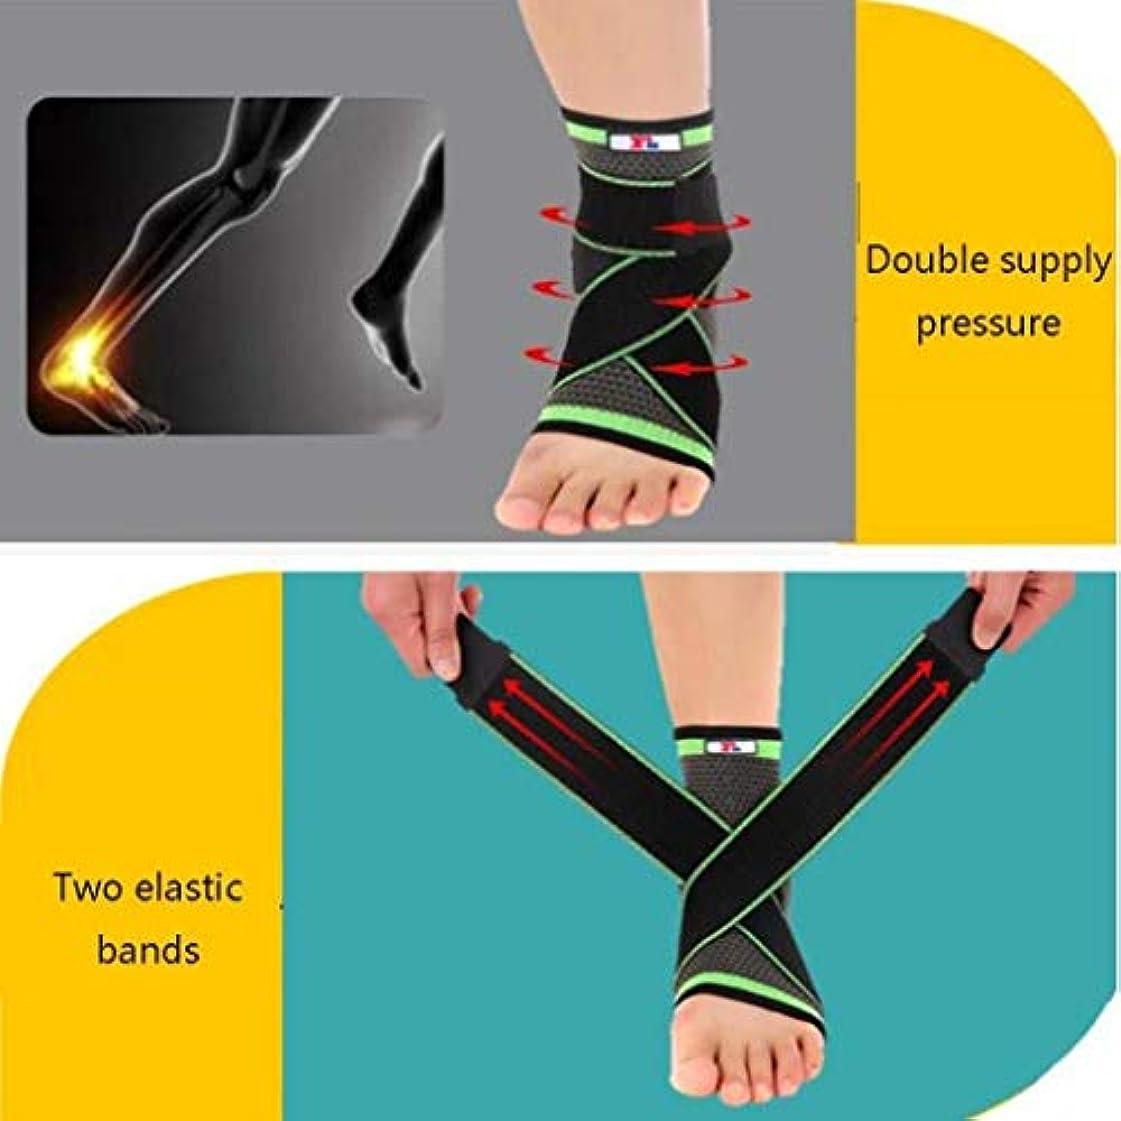 幅試す脱獄圧縮足首サポートスリーブ、ユニセックスの痛みの軽減、足底筋膜炎、関節炎、回復、弱い、足首の怪我のための医療通気性足首ブレース弾性薄い足ケアスリーブソックス (Color : As Picture, Size : L)